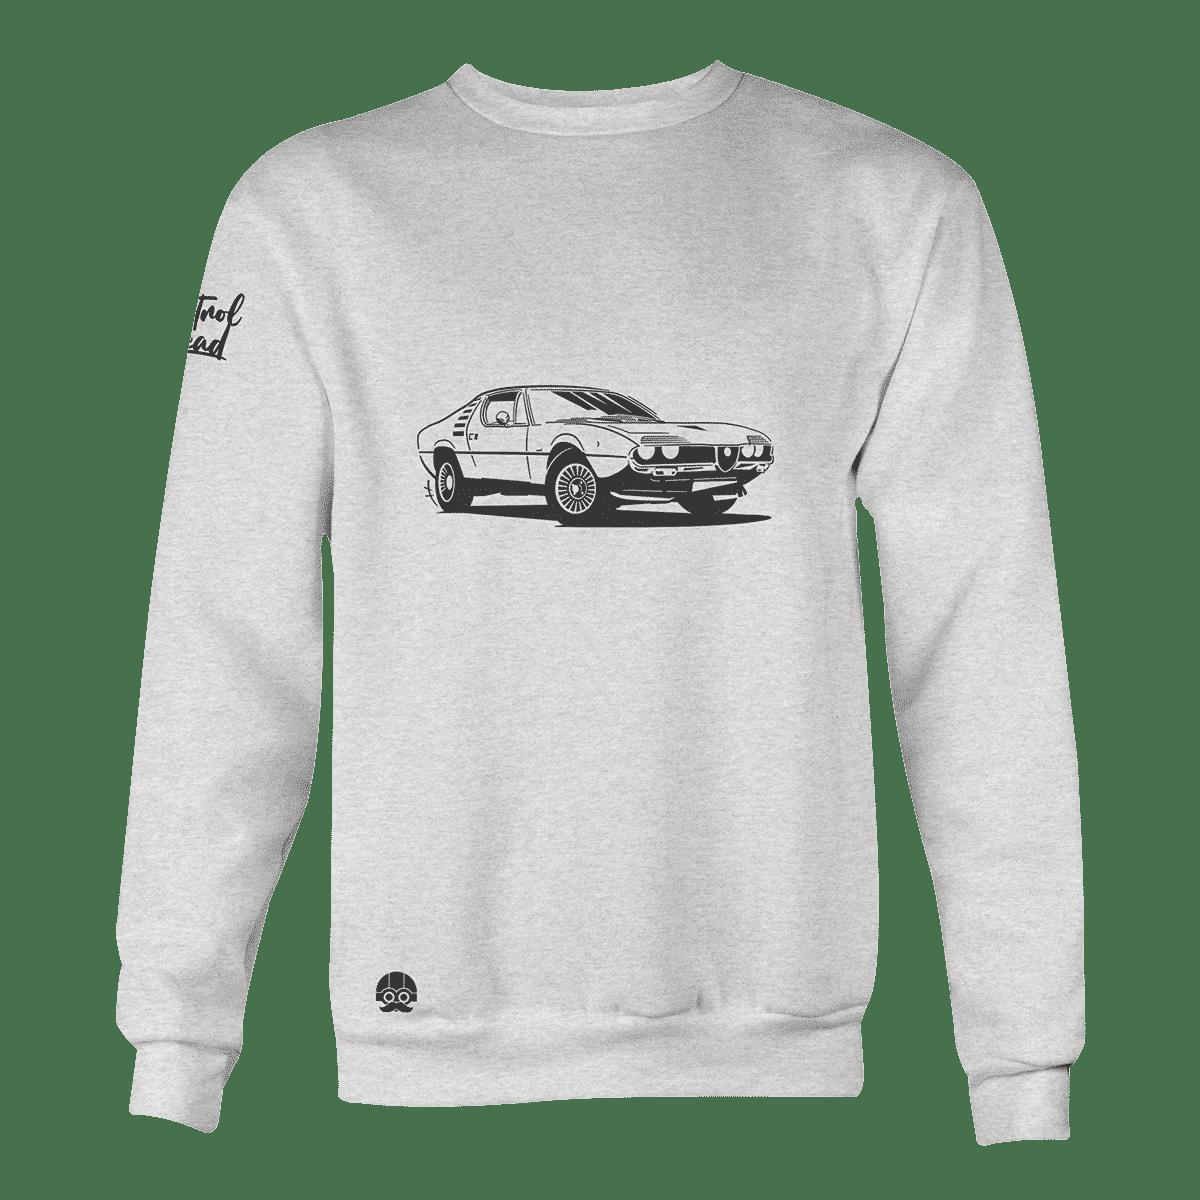 Bluza motoryzacyjna z Alfą Romeo Montreal